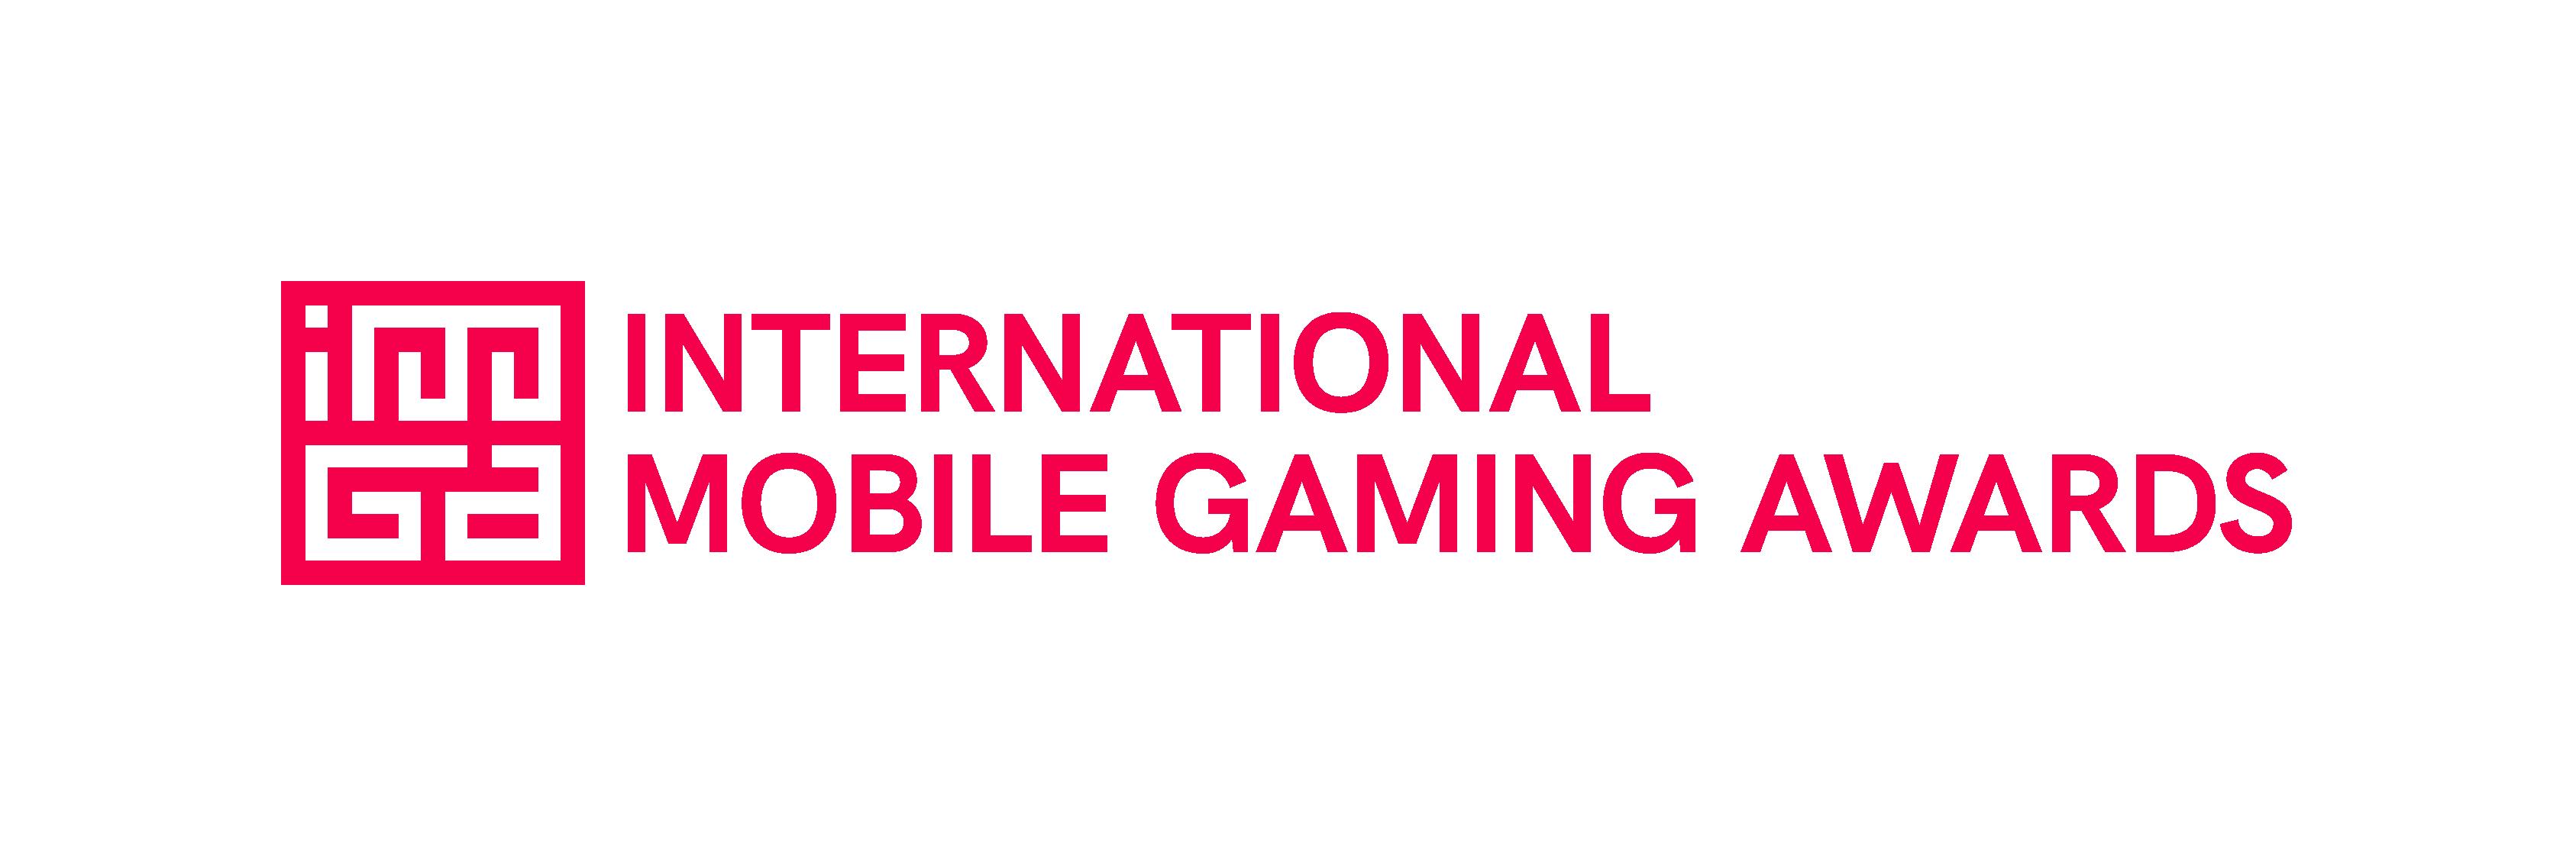 Uluslararası Mobil Oyun Ödülleri